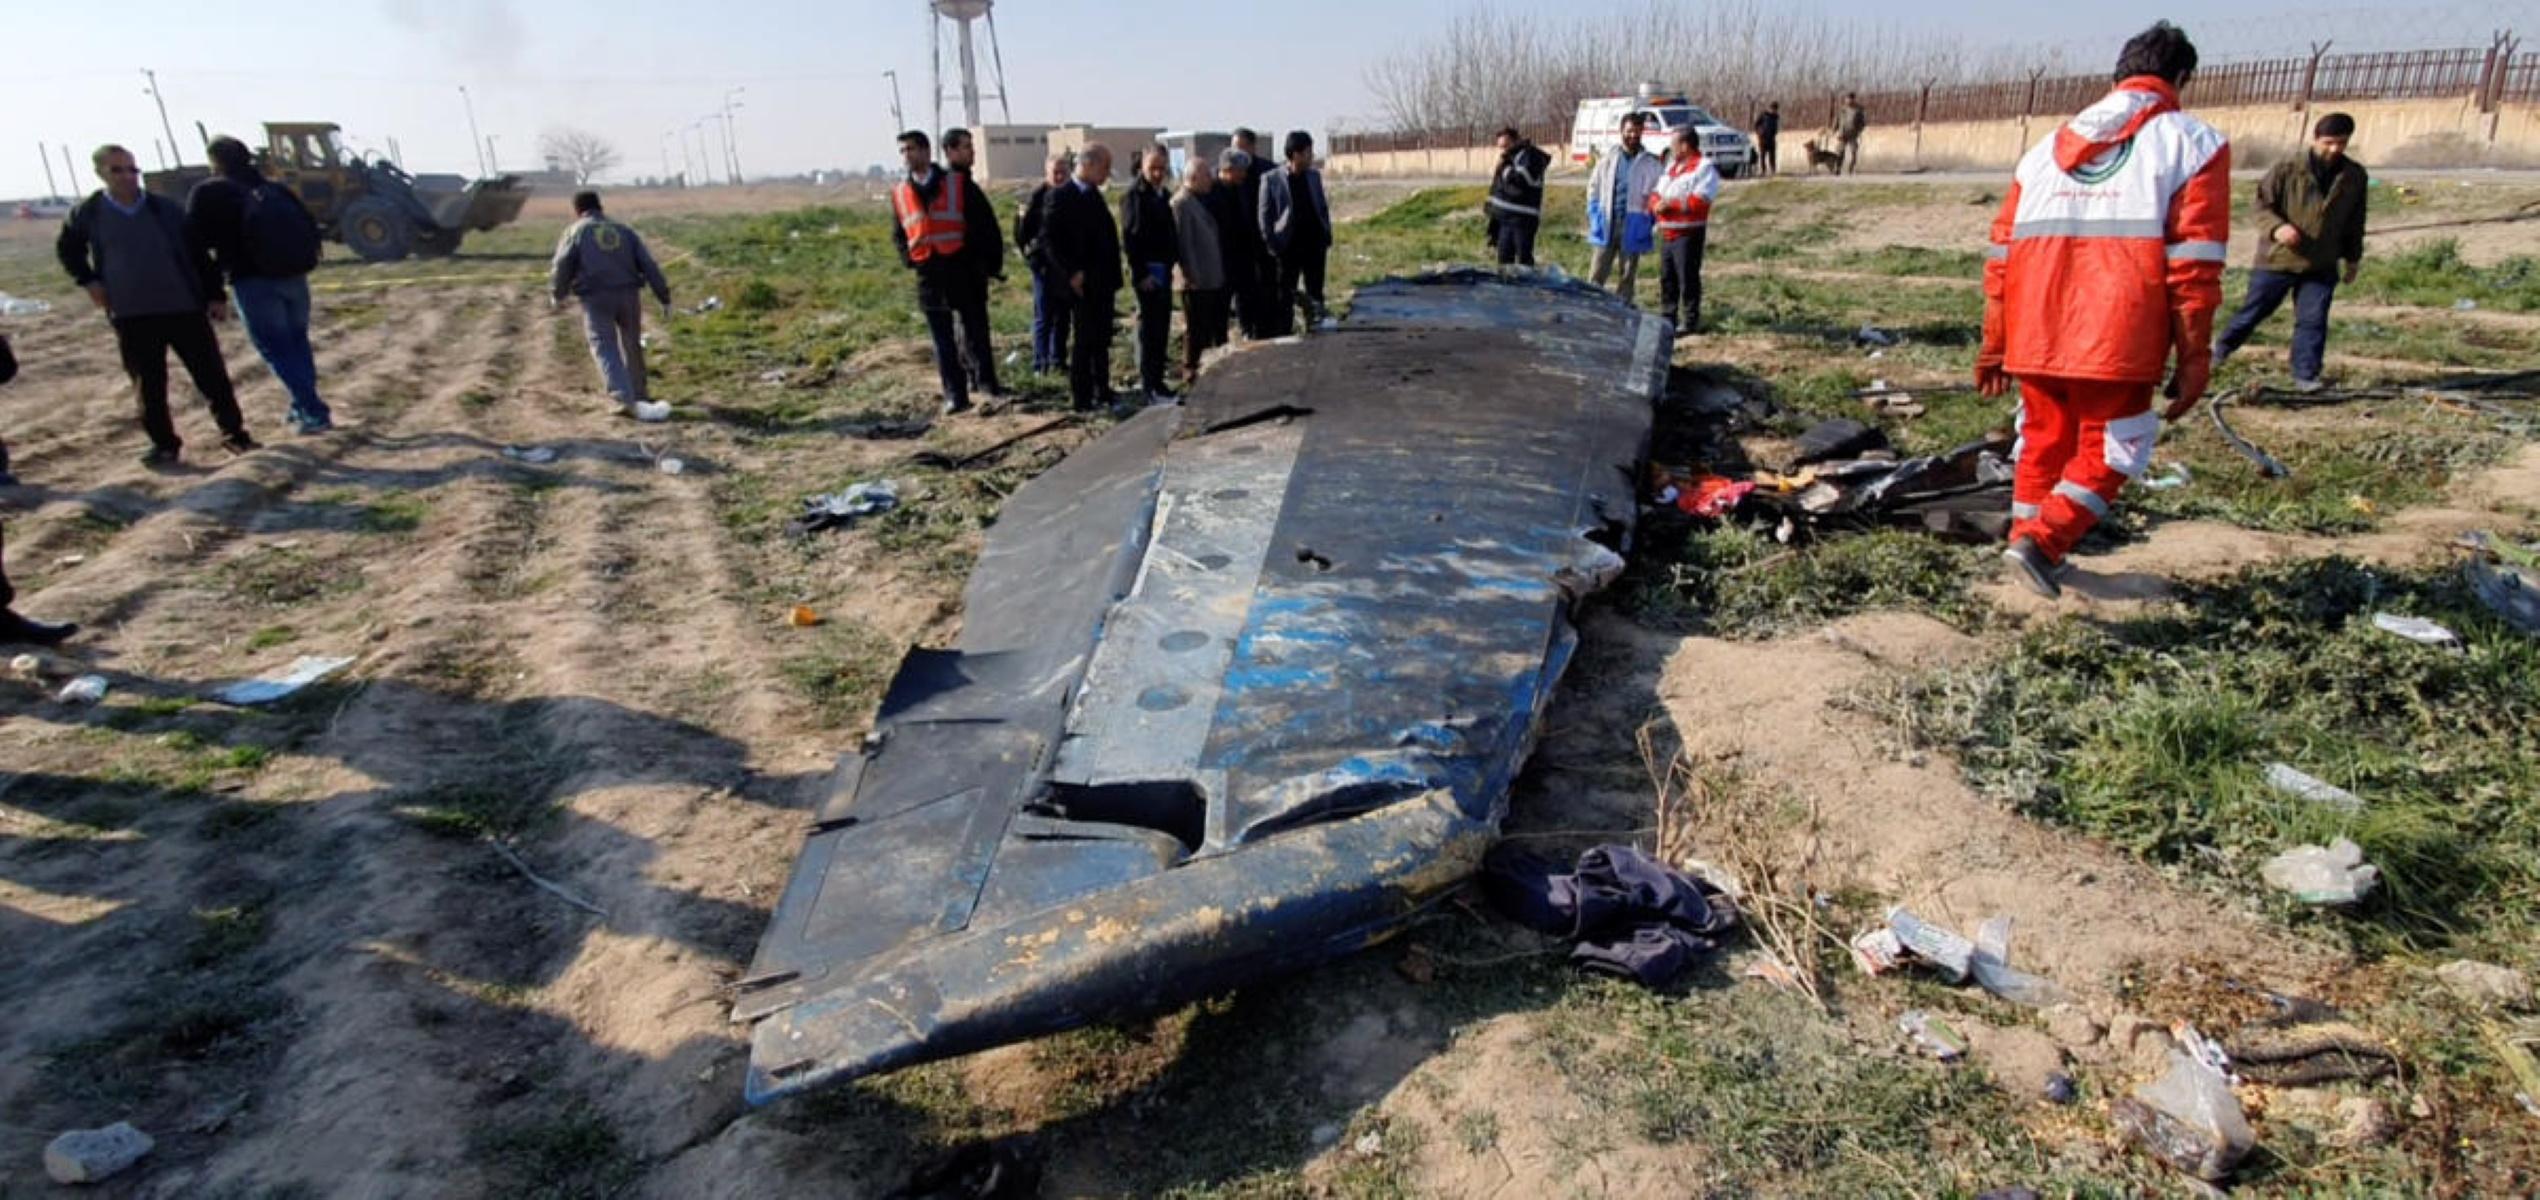 Κατάρριψη ουκρανικού αεροσκάφους: Η ιρανική κυβέρνηση αποζημιώνει με 150.000 δολάρια τις οικογένειες των θυμάτων